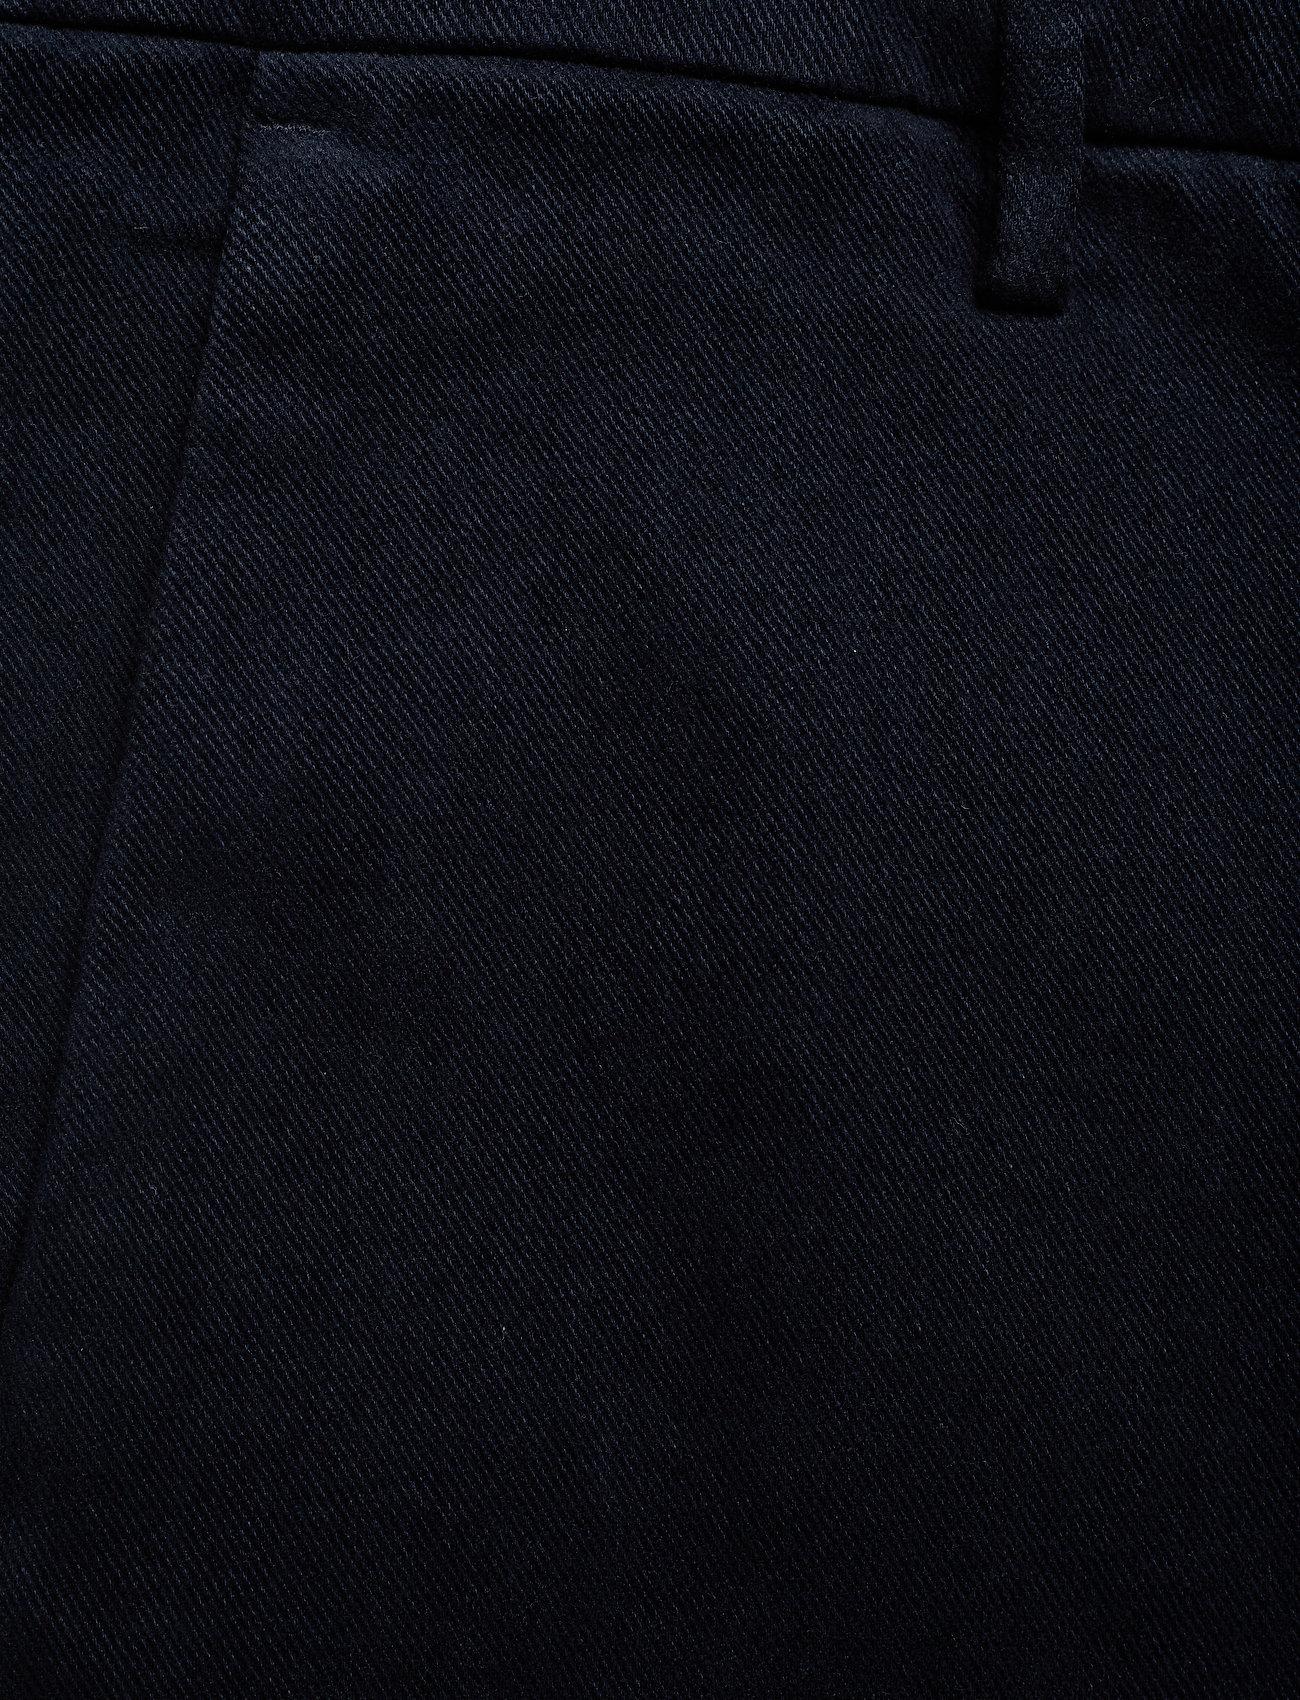 NN07 Theo 1324 L30 - Bukser NAVY BLUE - Menn Klær